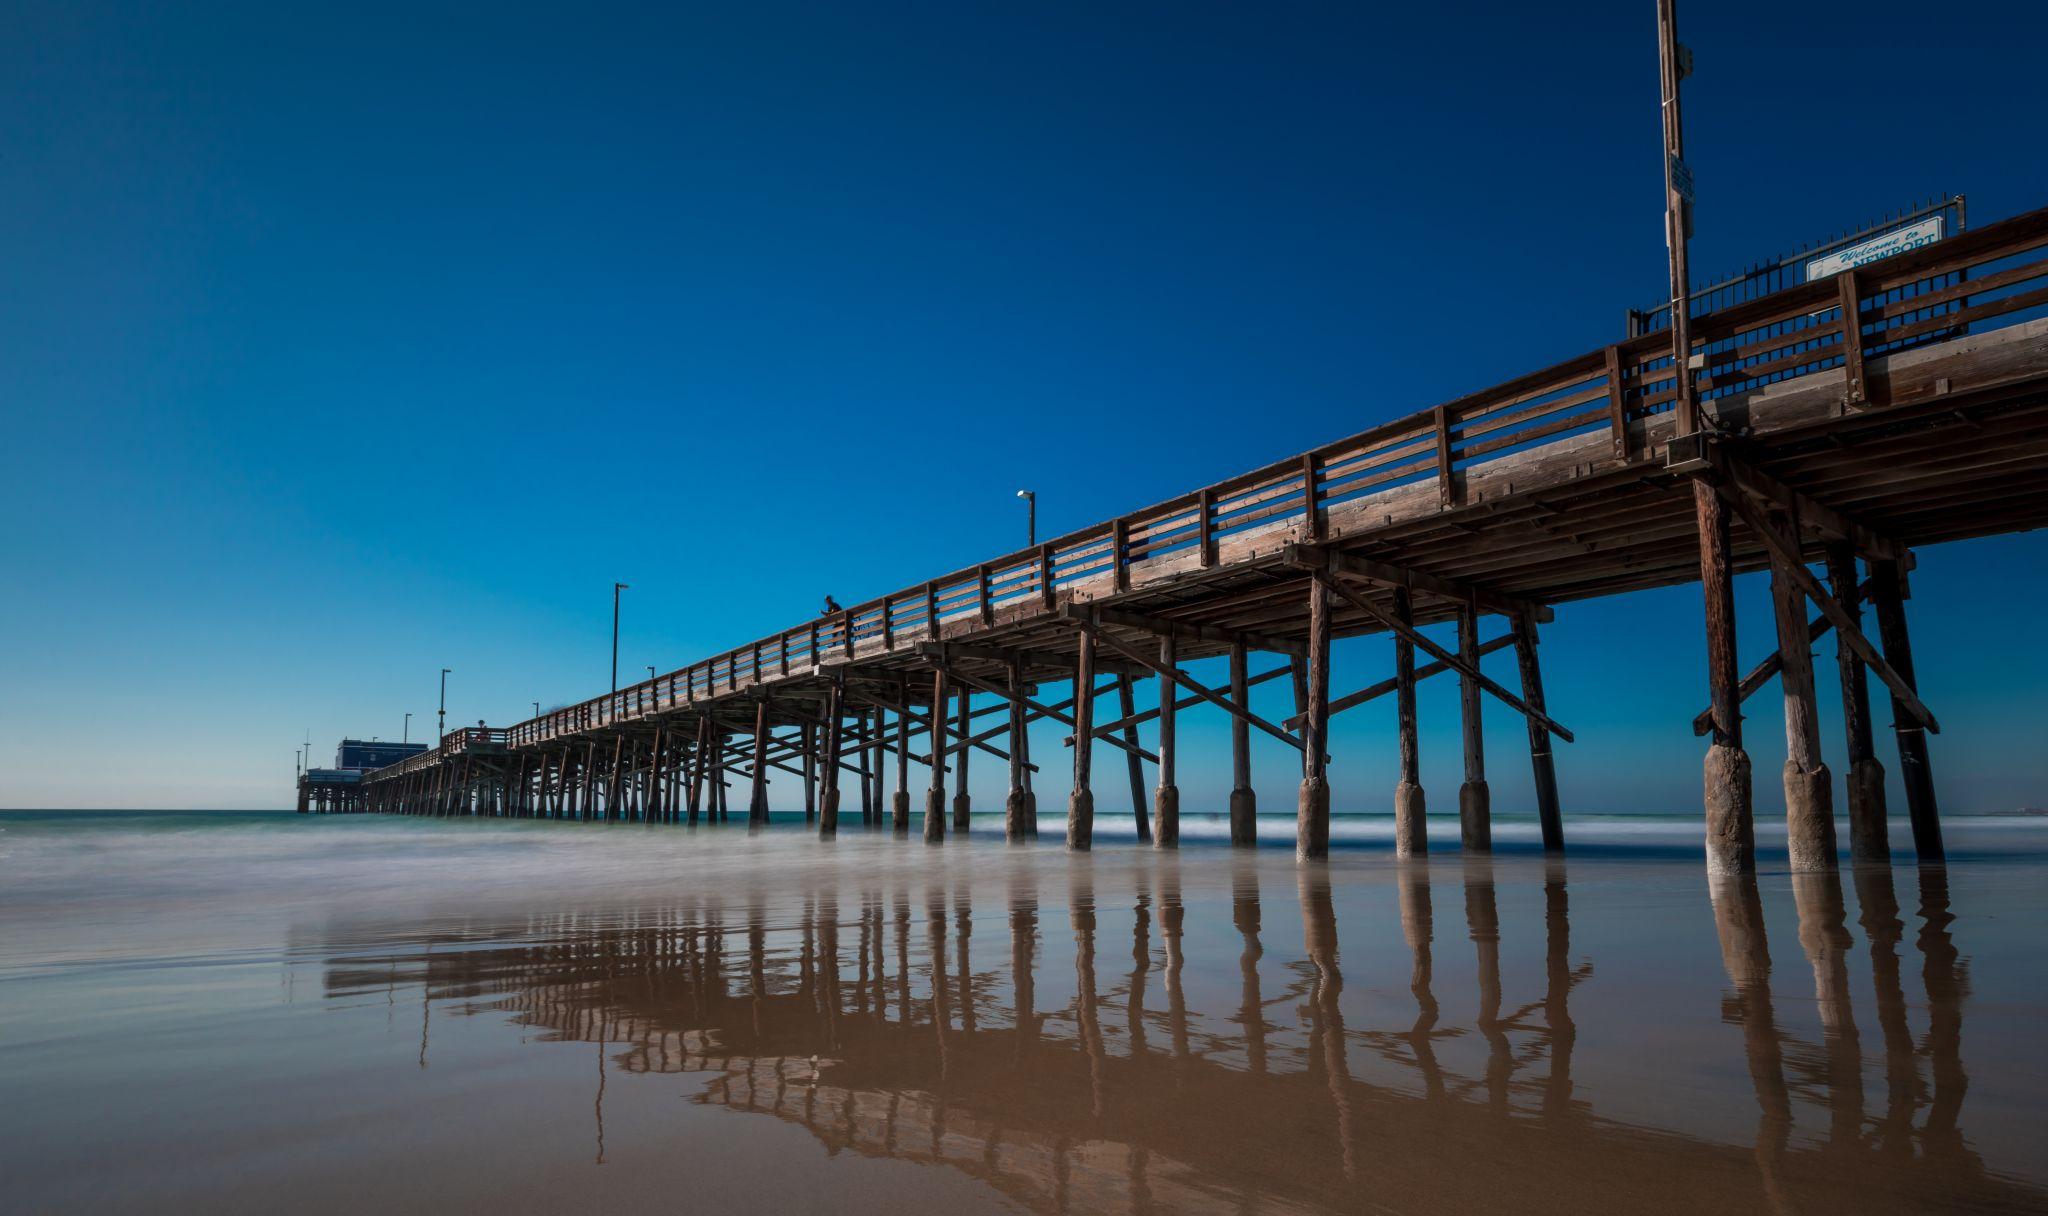 Newport Beach Pier, USA